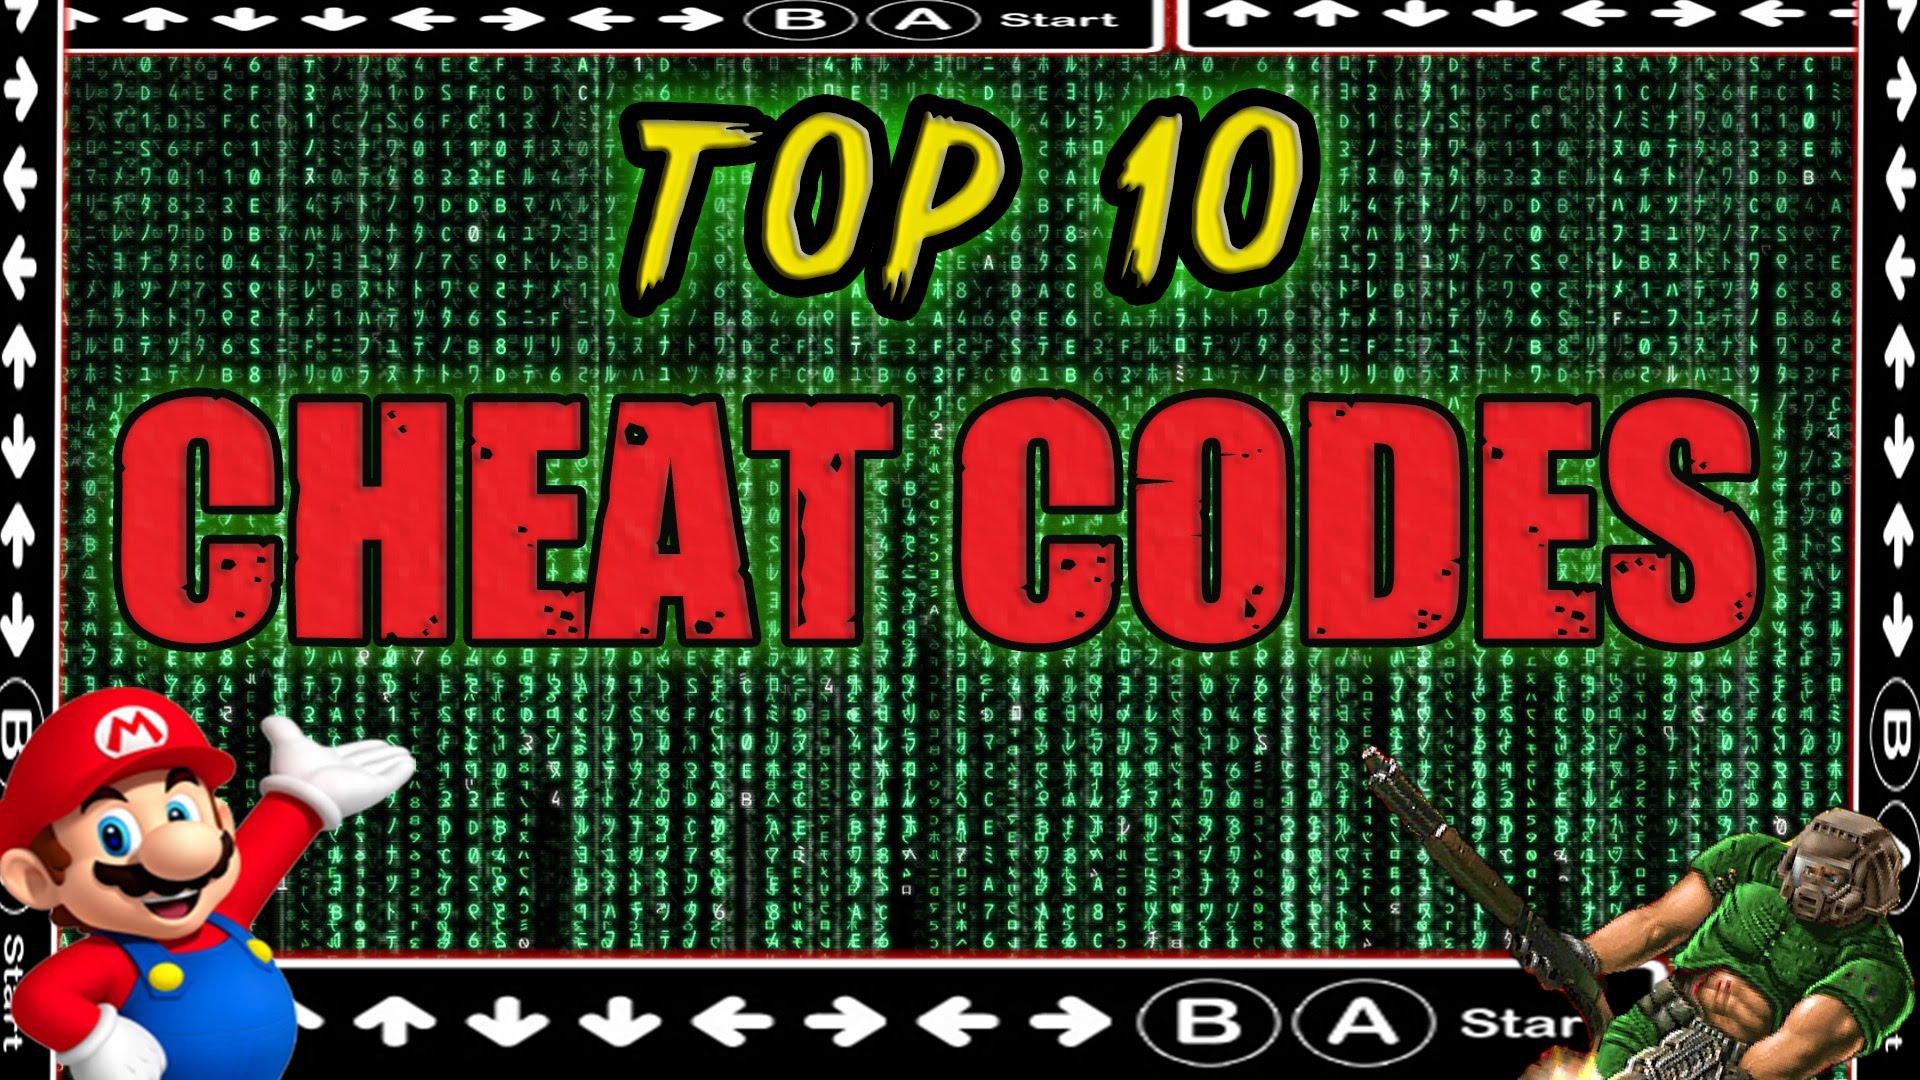 Top 10 <b>Cheat Codes</b> in <b>Video Games</b> - VGFAQ